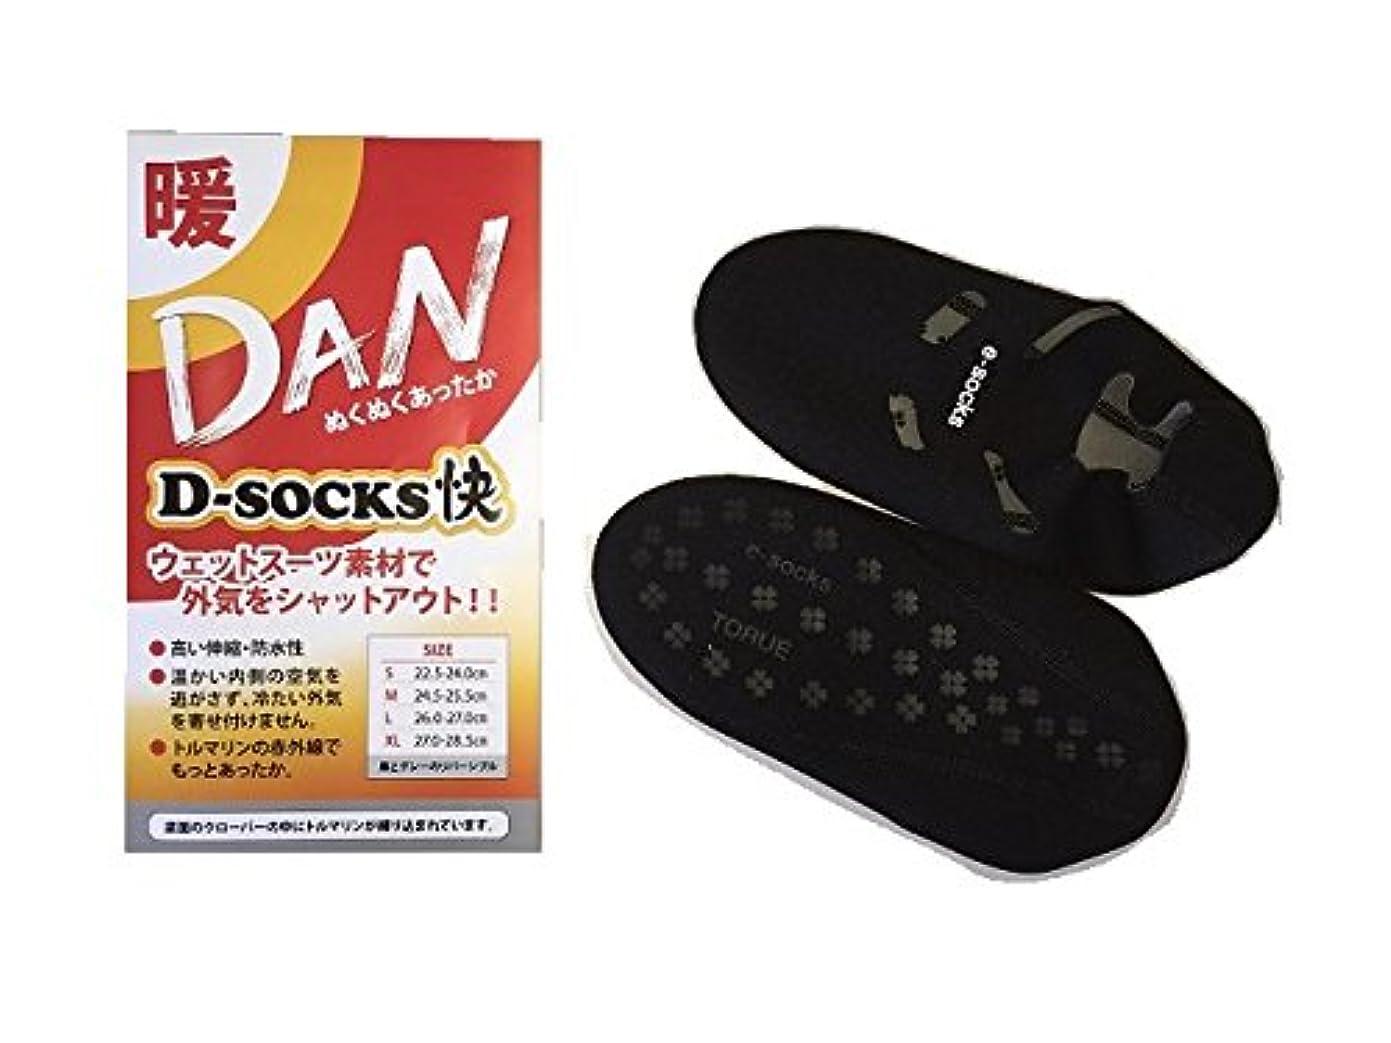 全国幸福なにD-socks 快 (トルマリンソックス) (M 24.5-25.5cm)